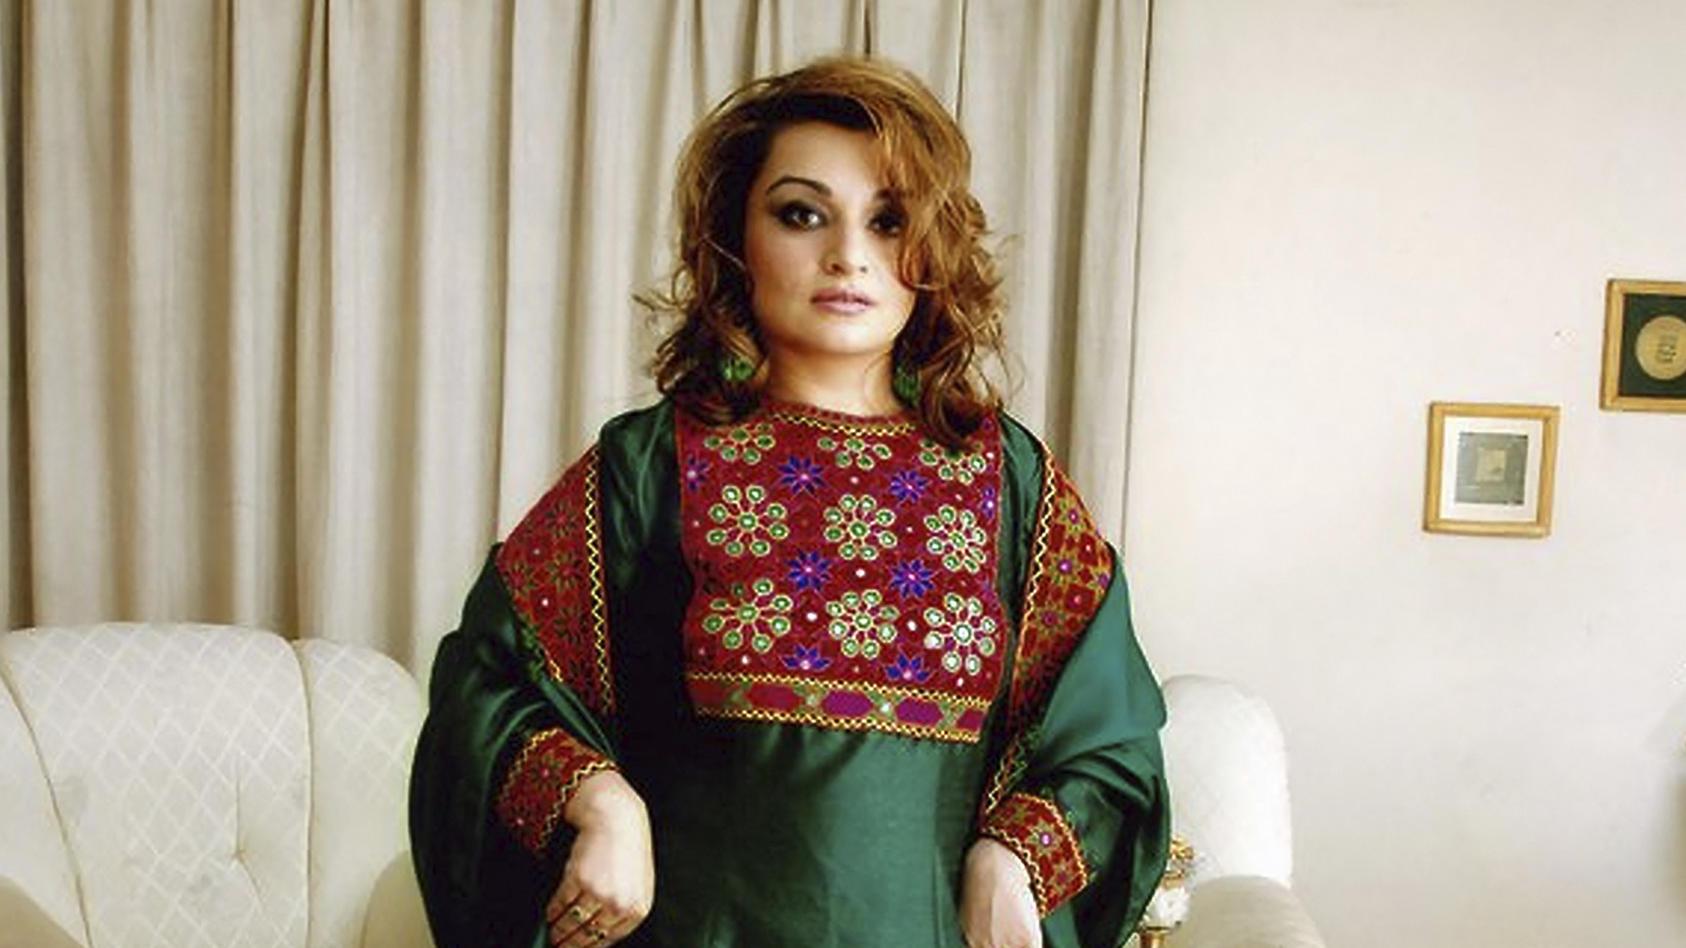 Initiatorin Bahar Jalali zeigt ihre traditionelle und bunte Kleidung auf Twitter.